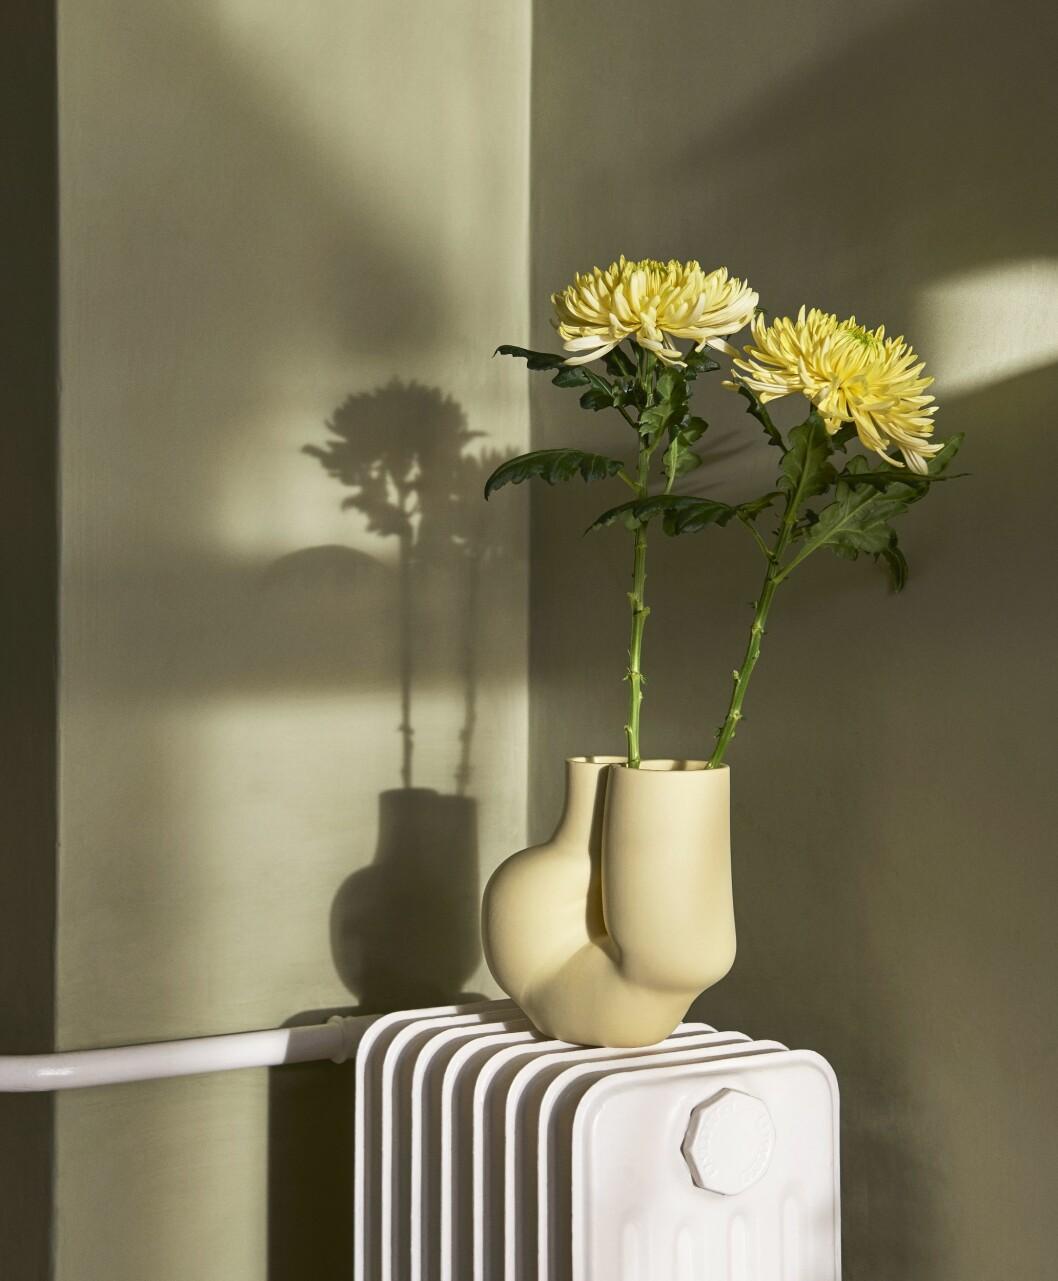 gul vas med gula blommor i